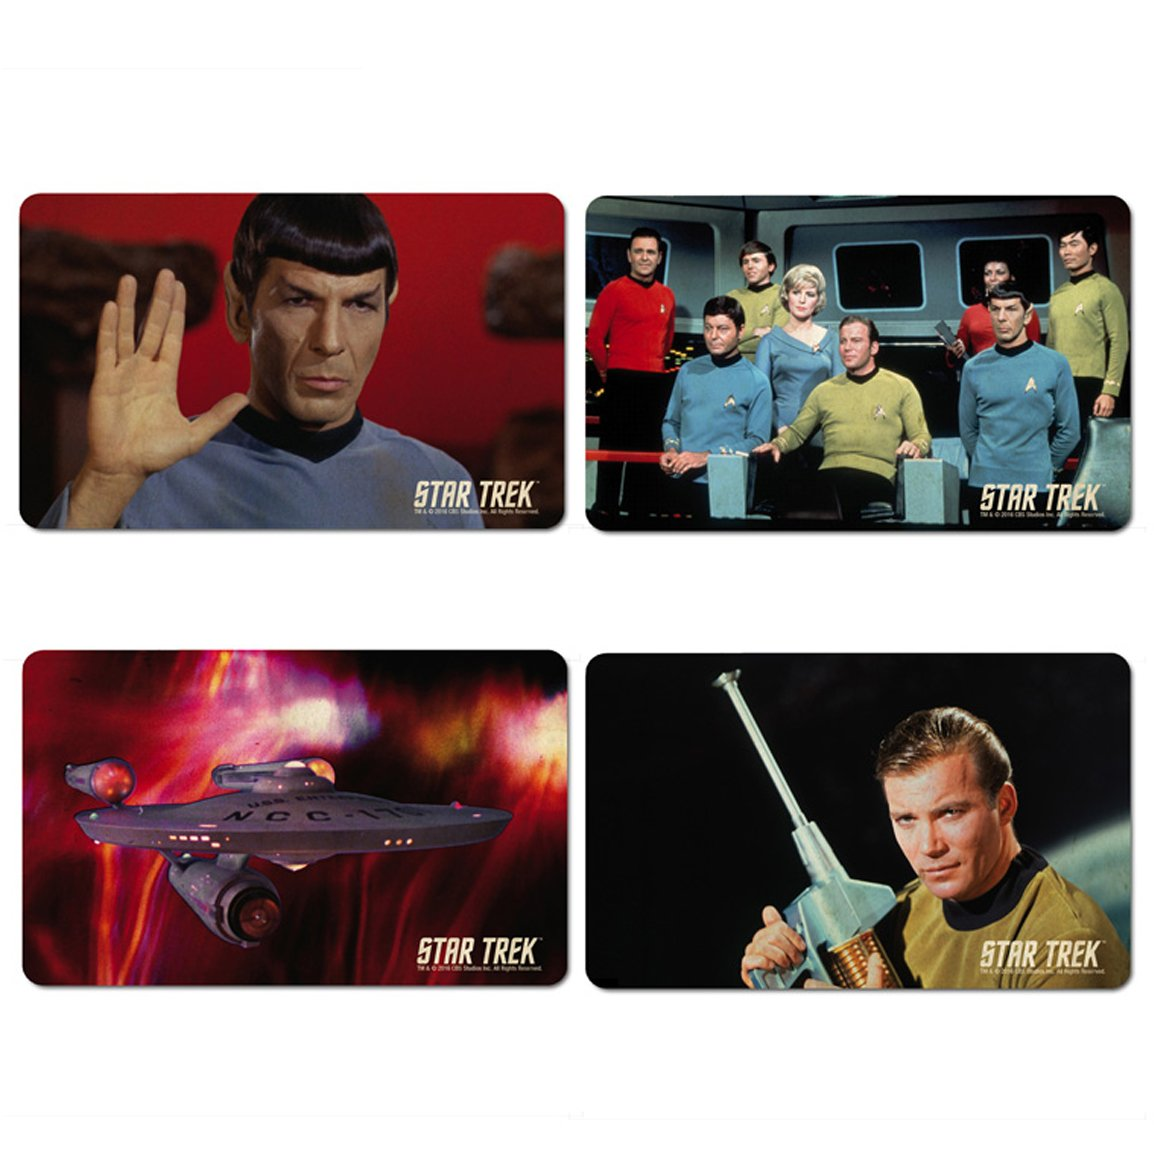 Star Trek - USS Enterprise Crew - Mr. Spock & Captain Kirk Set of Breakfast boards - Set of 4 chopping boards - multicoloured - Licensed original design - LOGOSHIRT